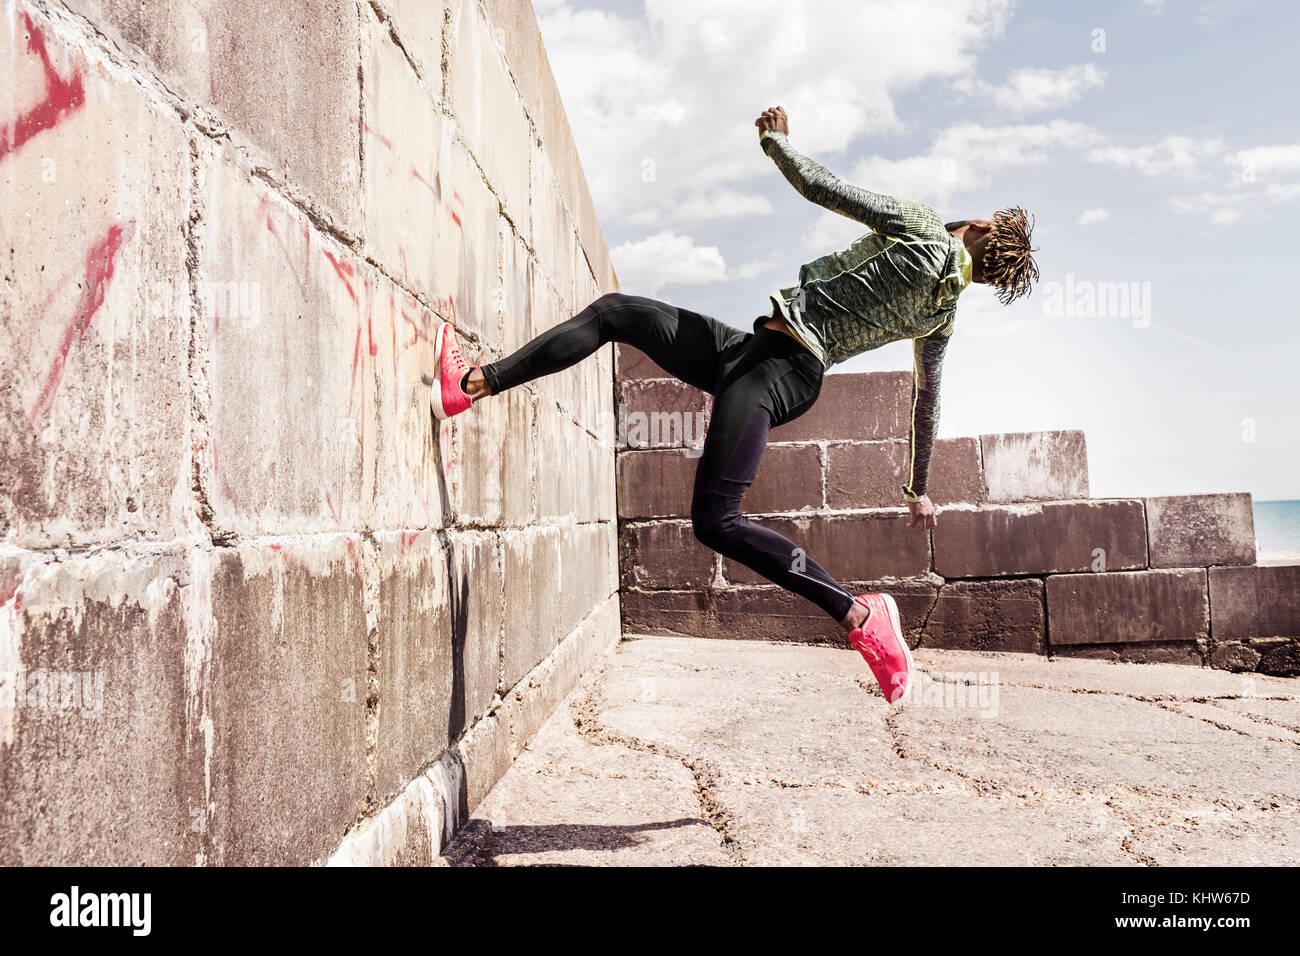 Junger Mann, Free Running, Outdoor, auf Seite der Wand Stockbild